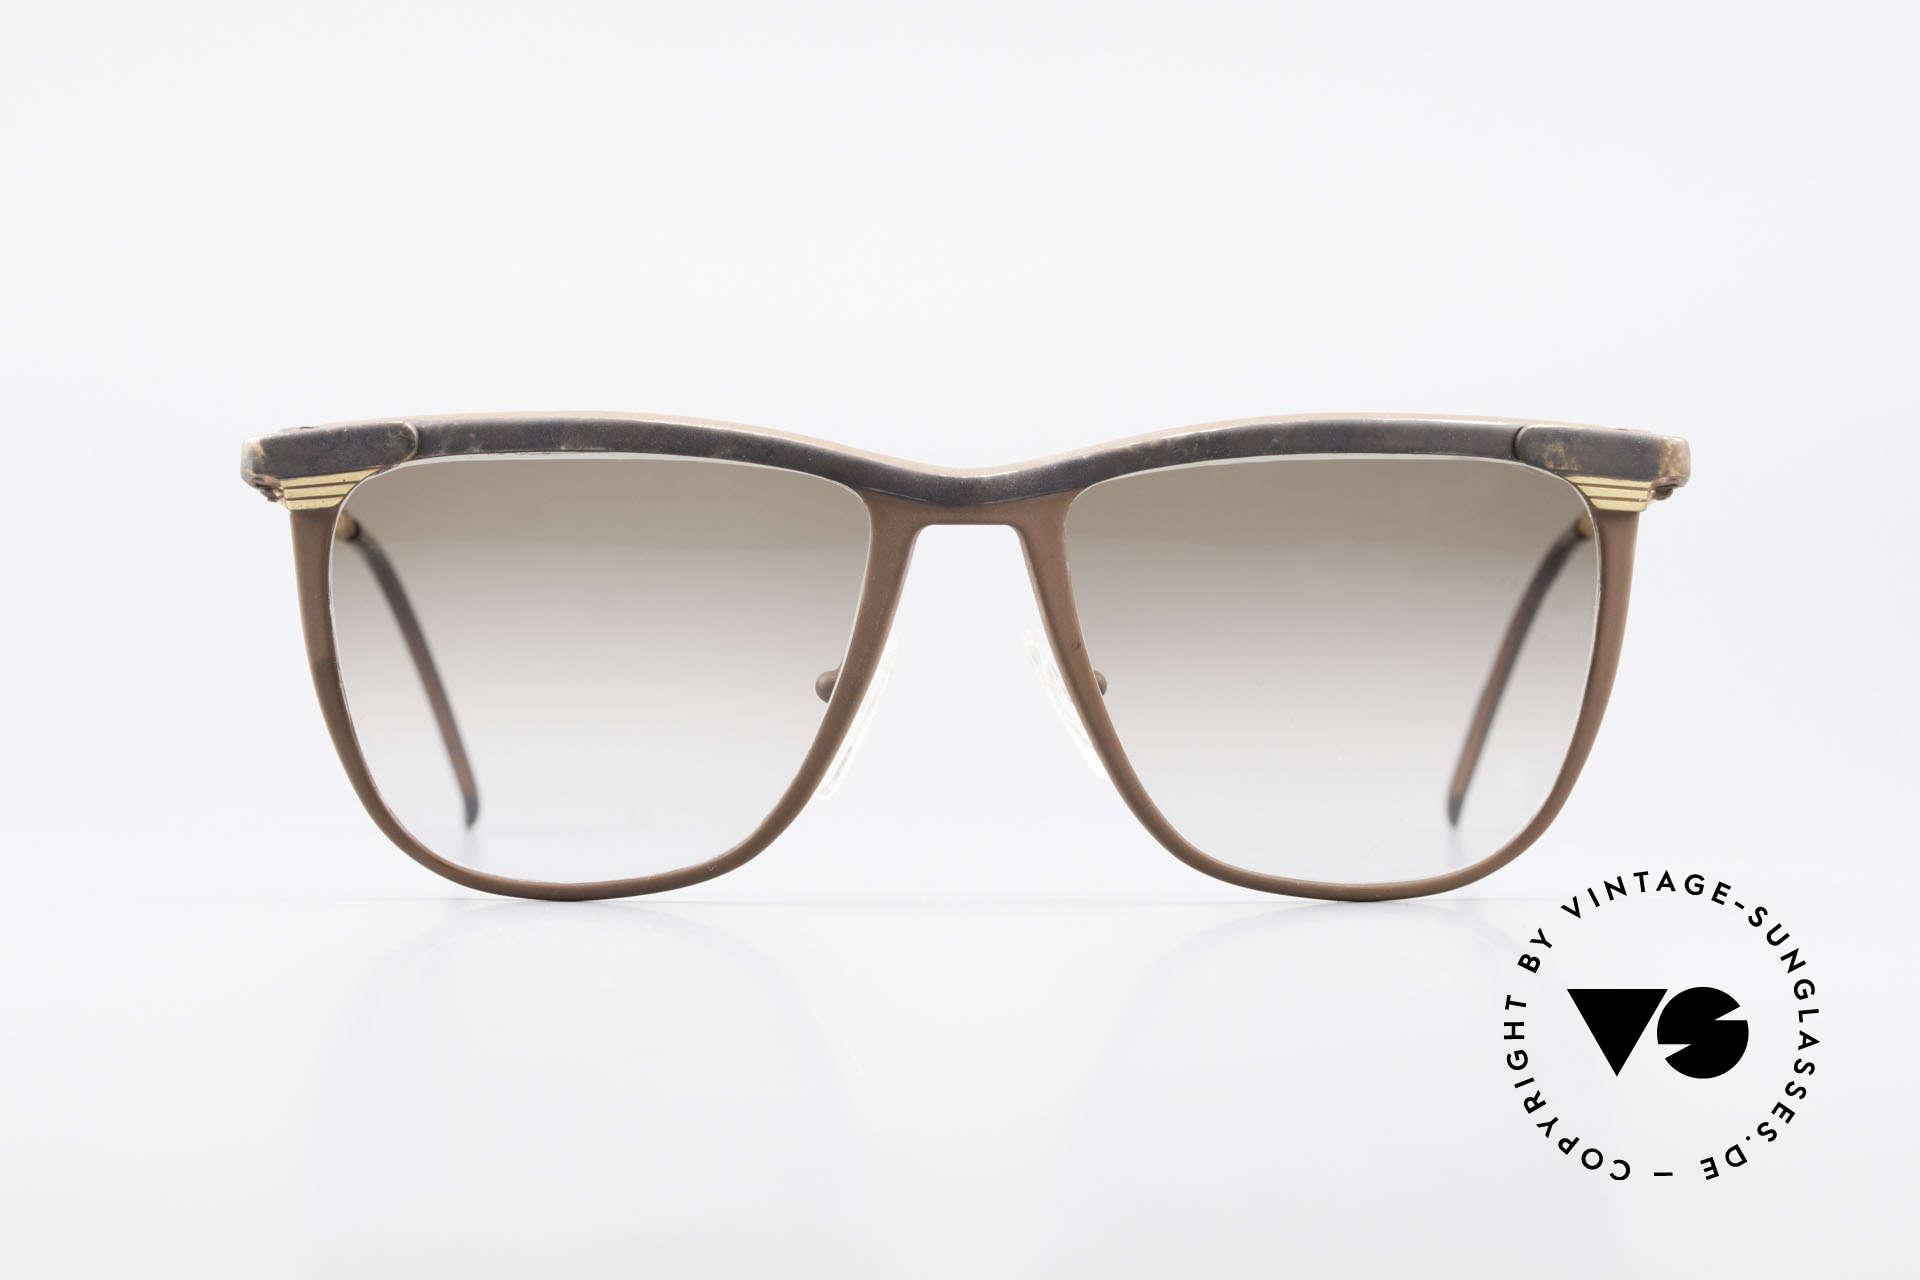 Gucci 2227 Luxus Designer Sonnenbrille, interessante Designdetails wohin das Auge blickt, Passend für Herren und Damen